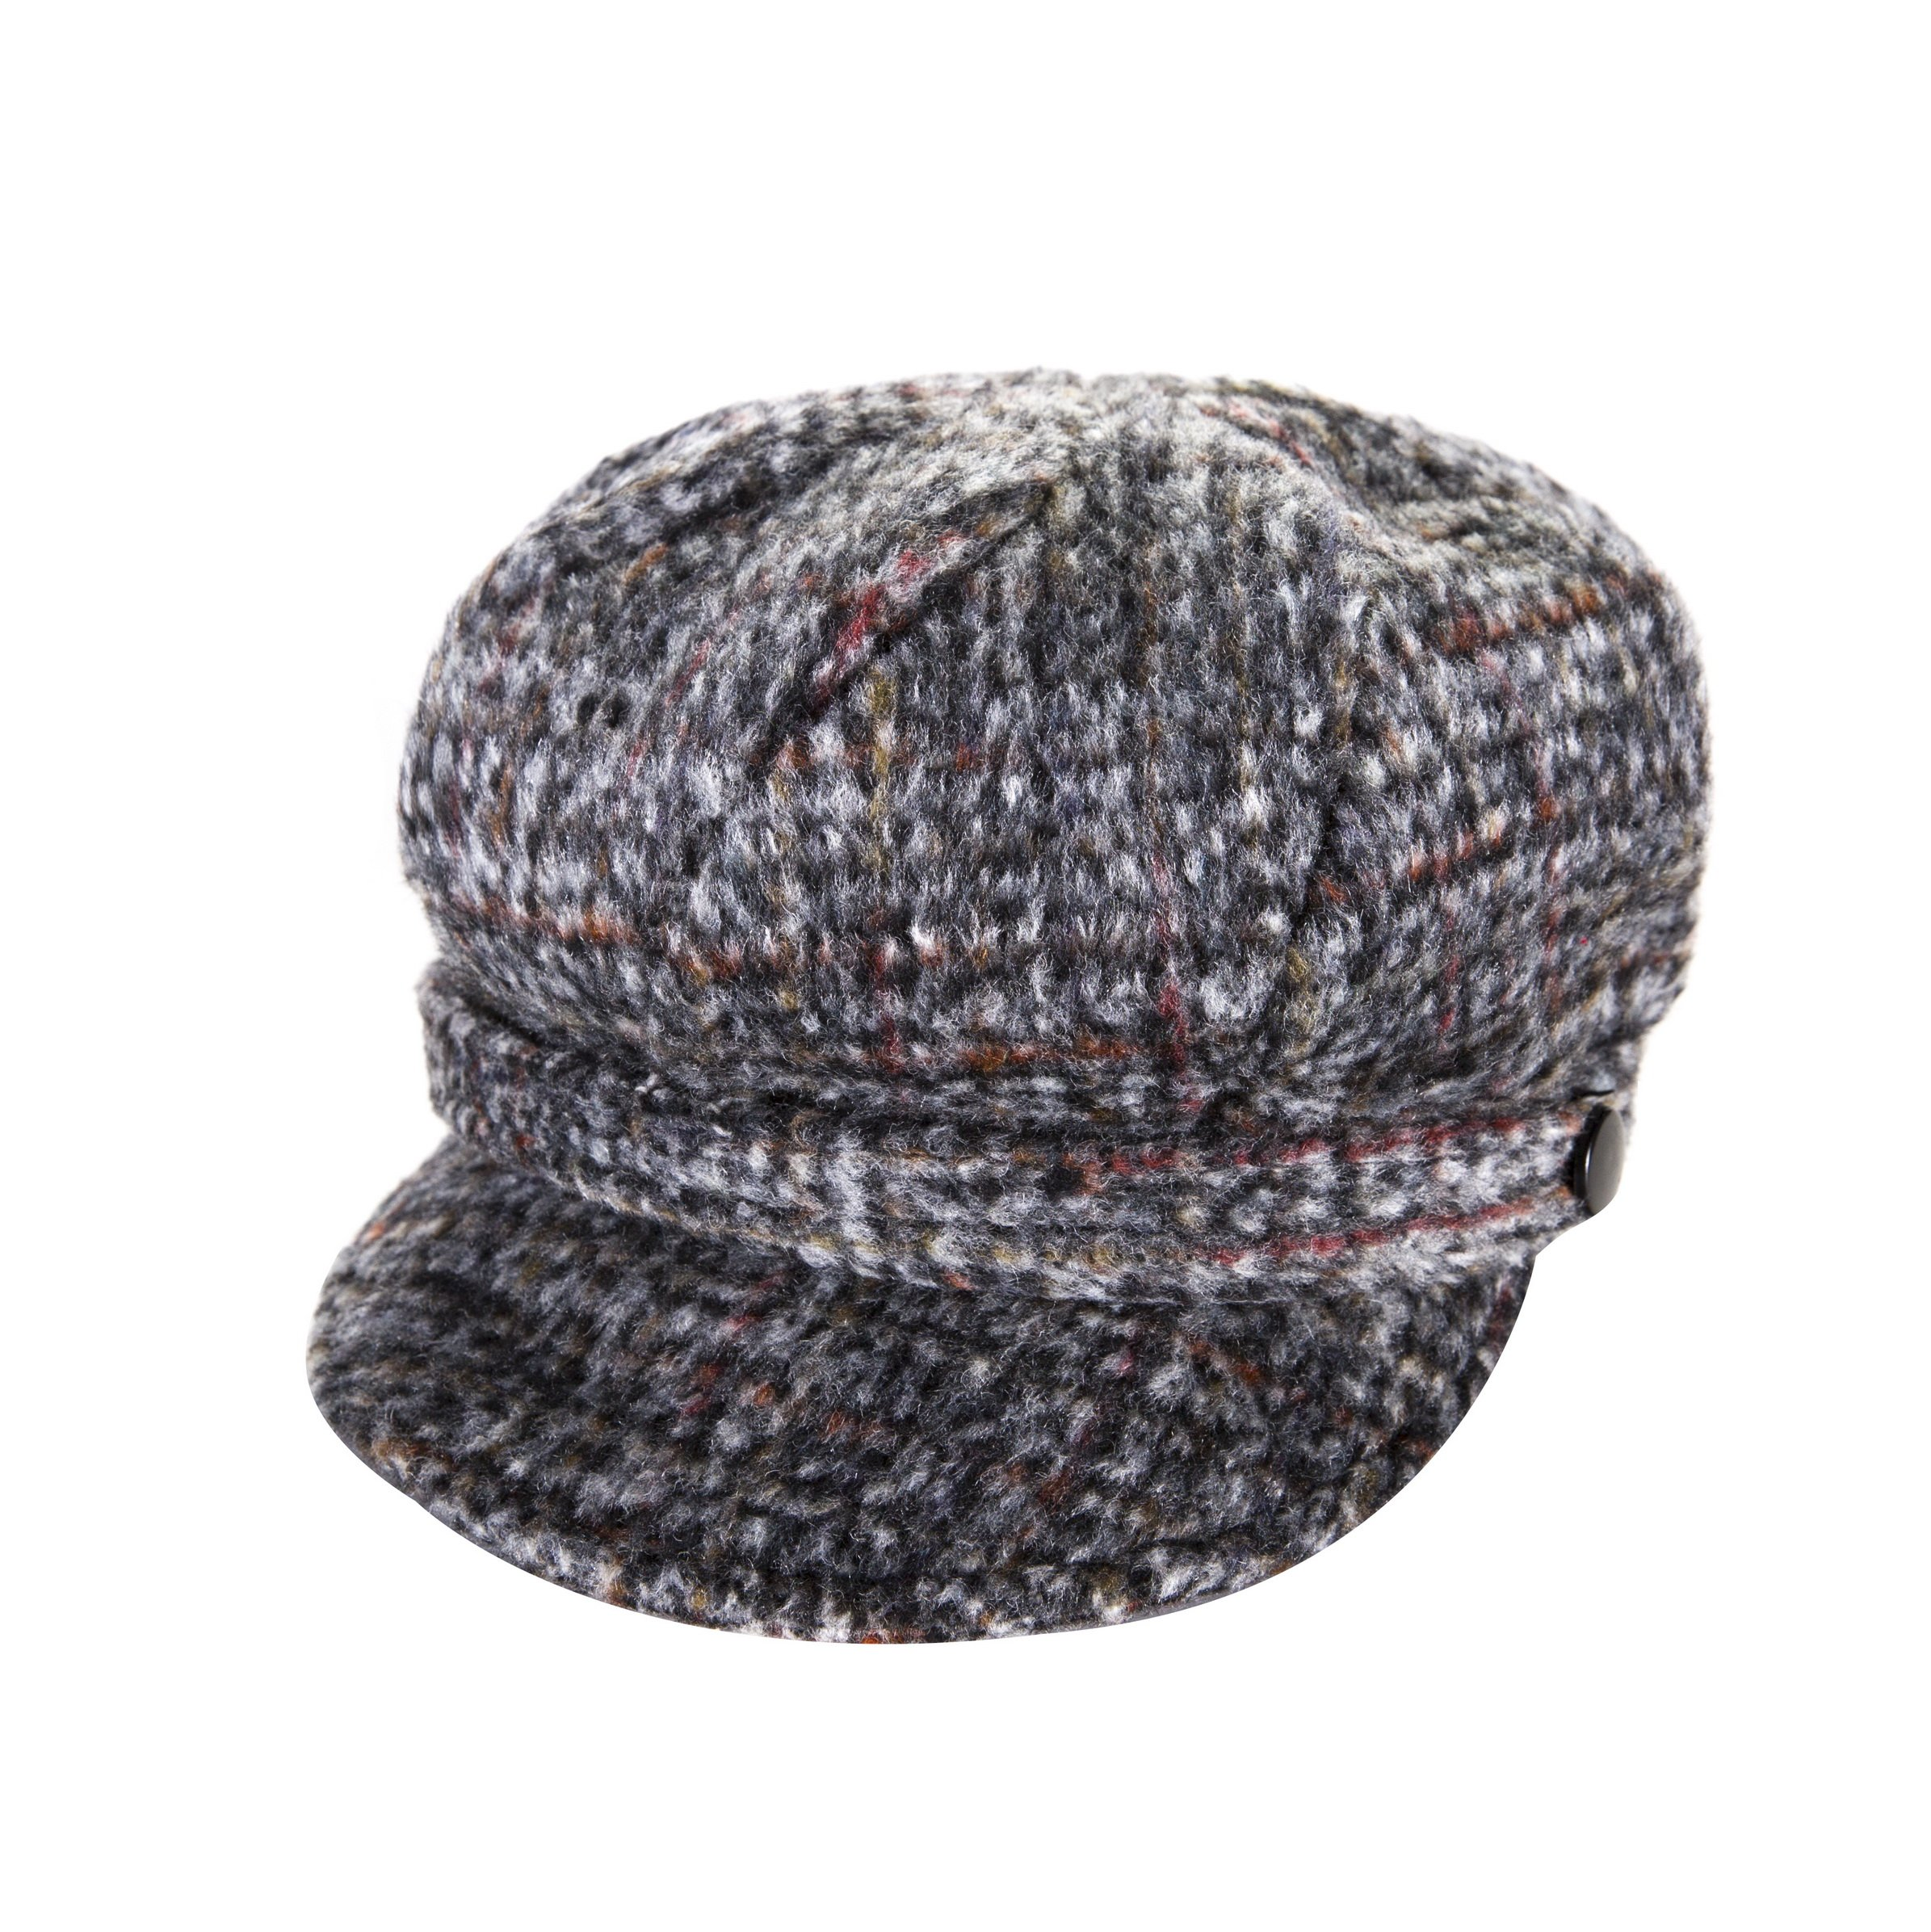 Heritage Traditions Womens Tweed Wool Peaked Newsboy Cap Hat (Grey) by Heritage Traditions (Image #1)